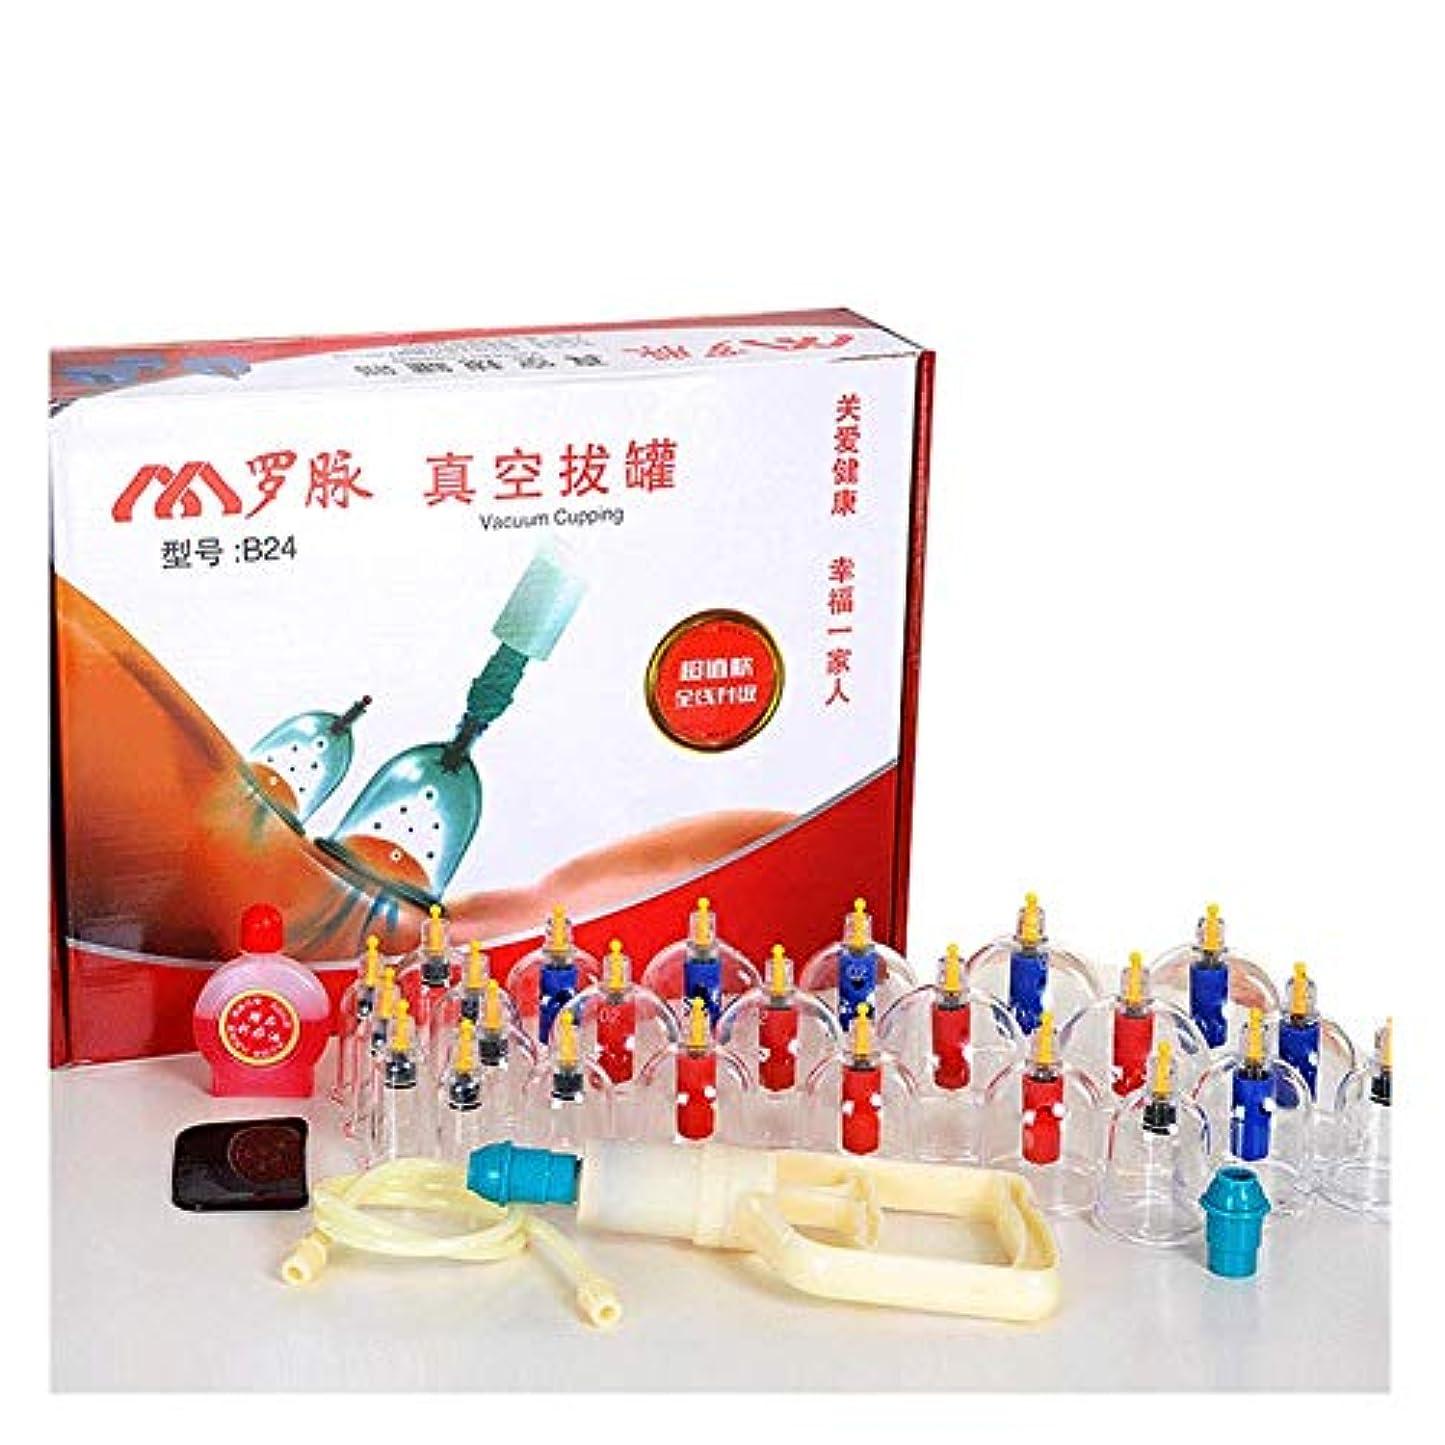 積極的になめらか所持ポンプと延長チューブを備えた中国のカッピング療法セット、ボディマッサージと鎮痛アンチエイジングセルライト治療のための24カッププロフェッショナルカッピングキット